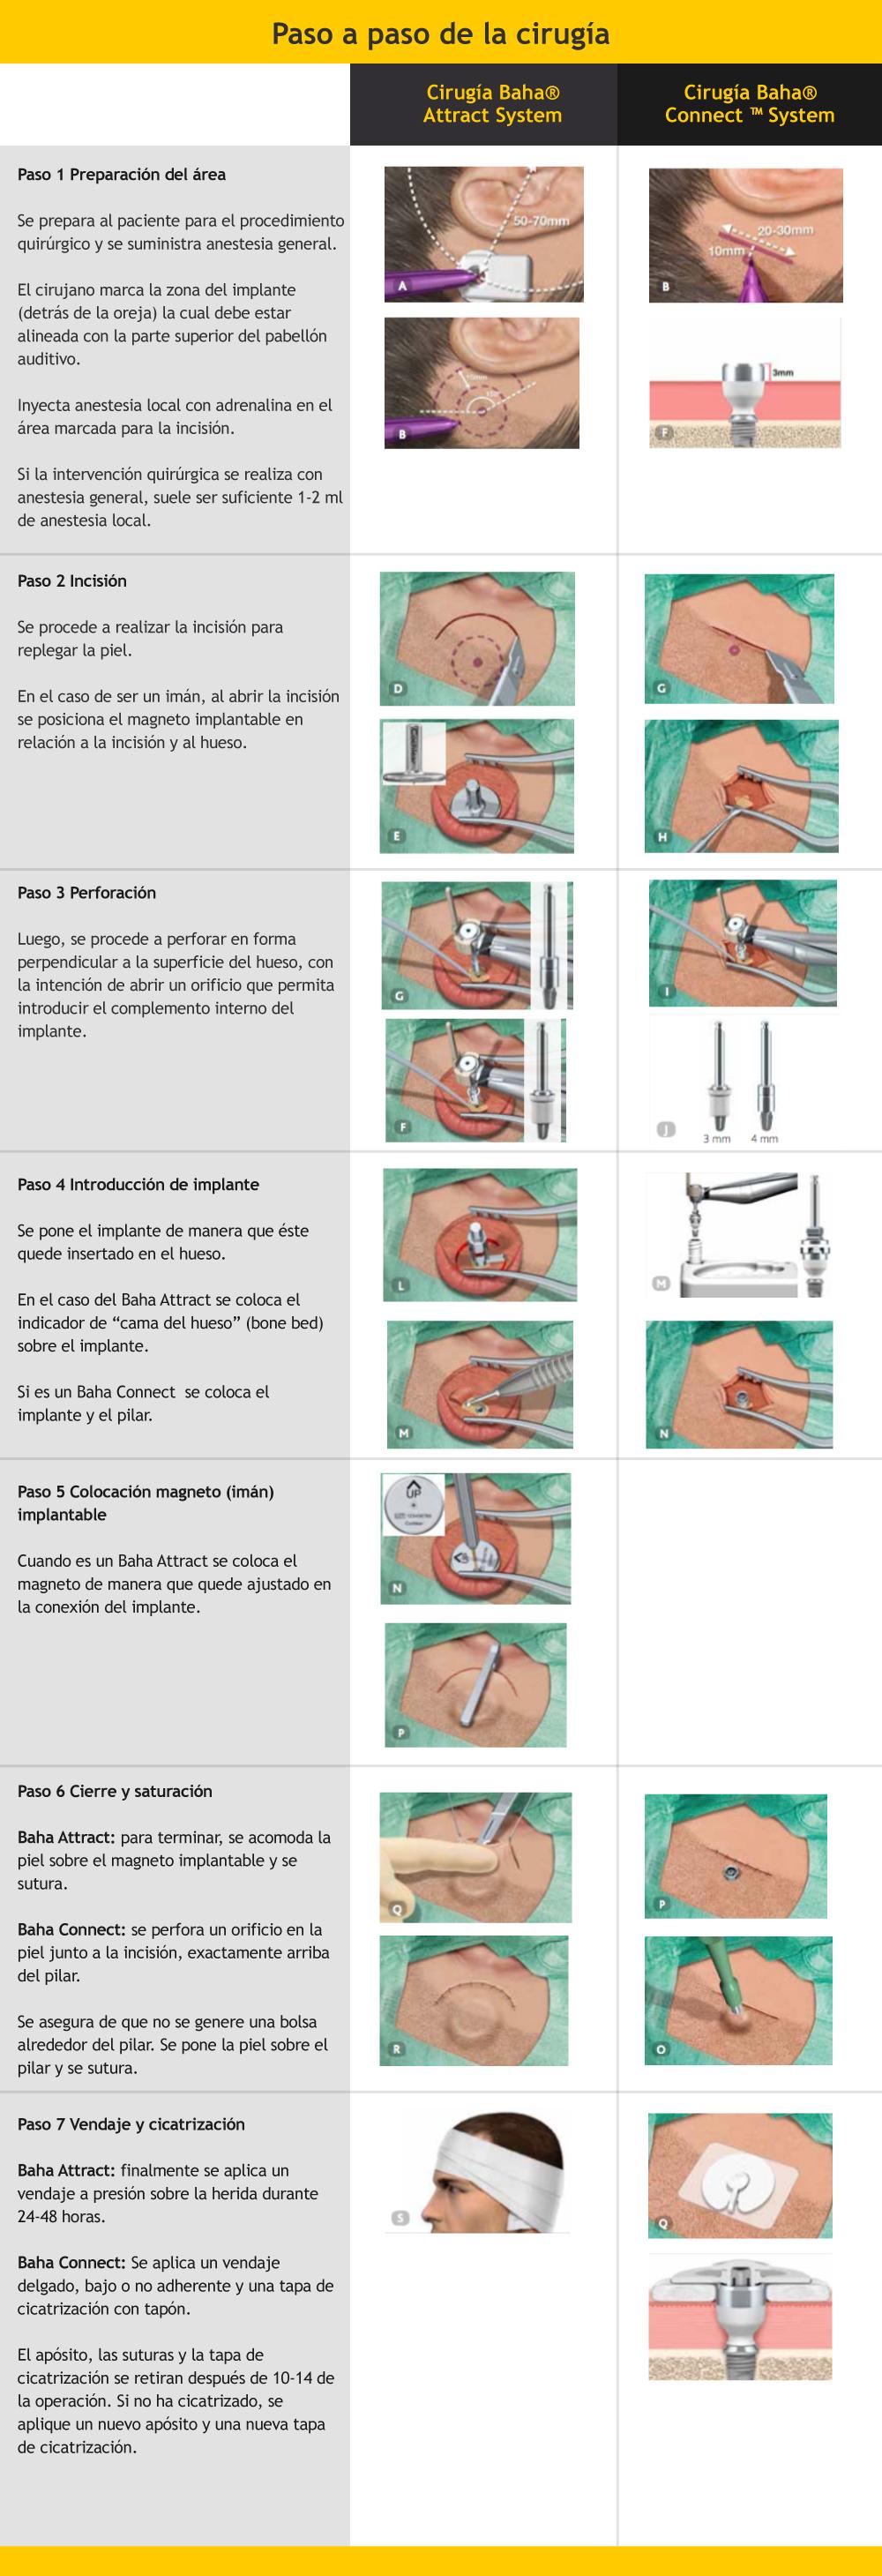 Paso a paso de una cirugía de un implante auditivo de conducción ósea